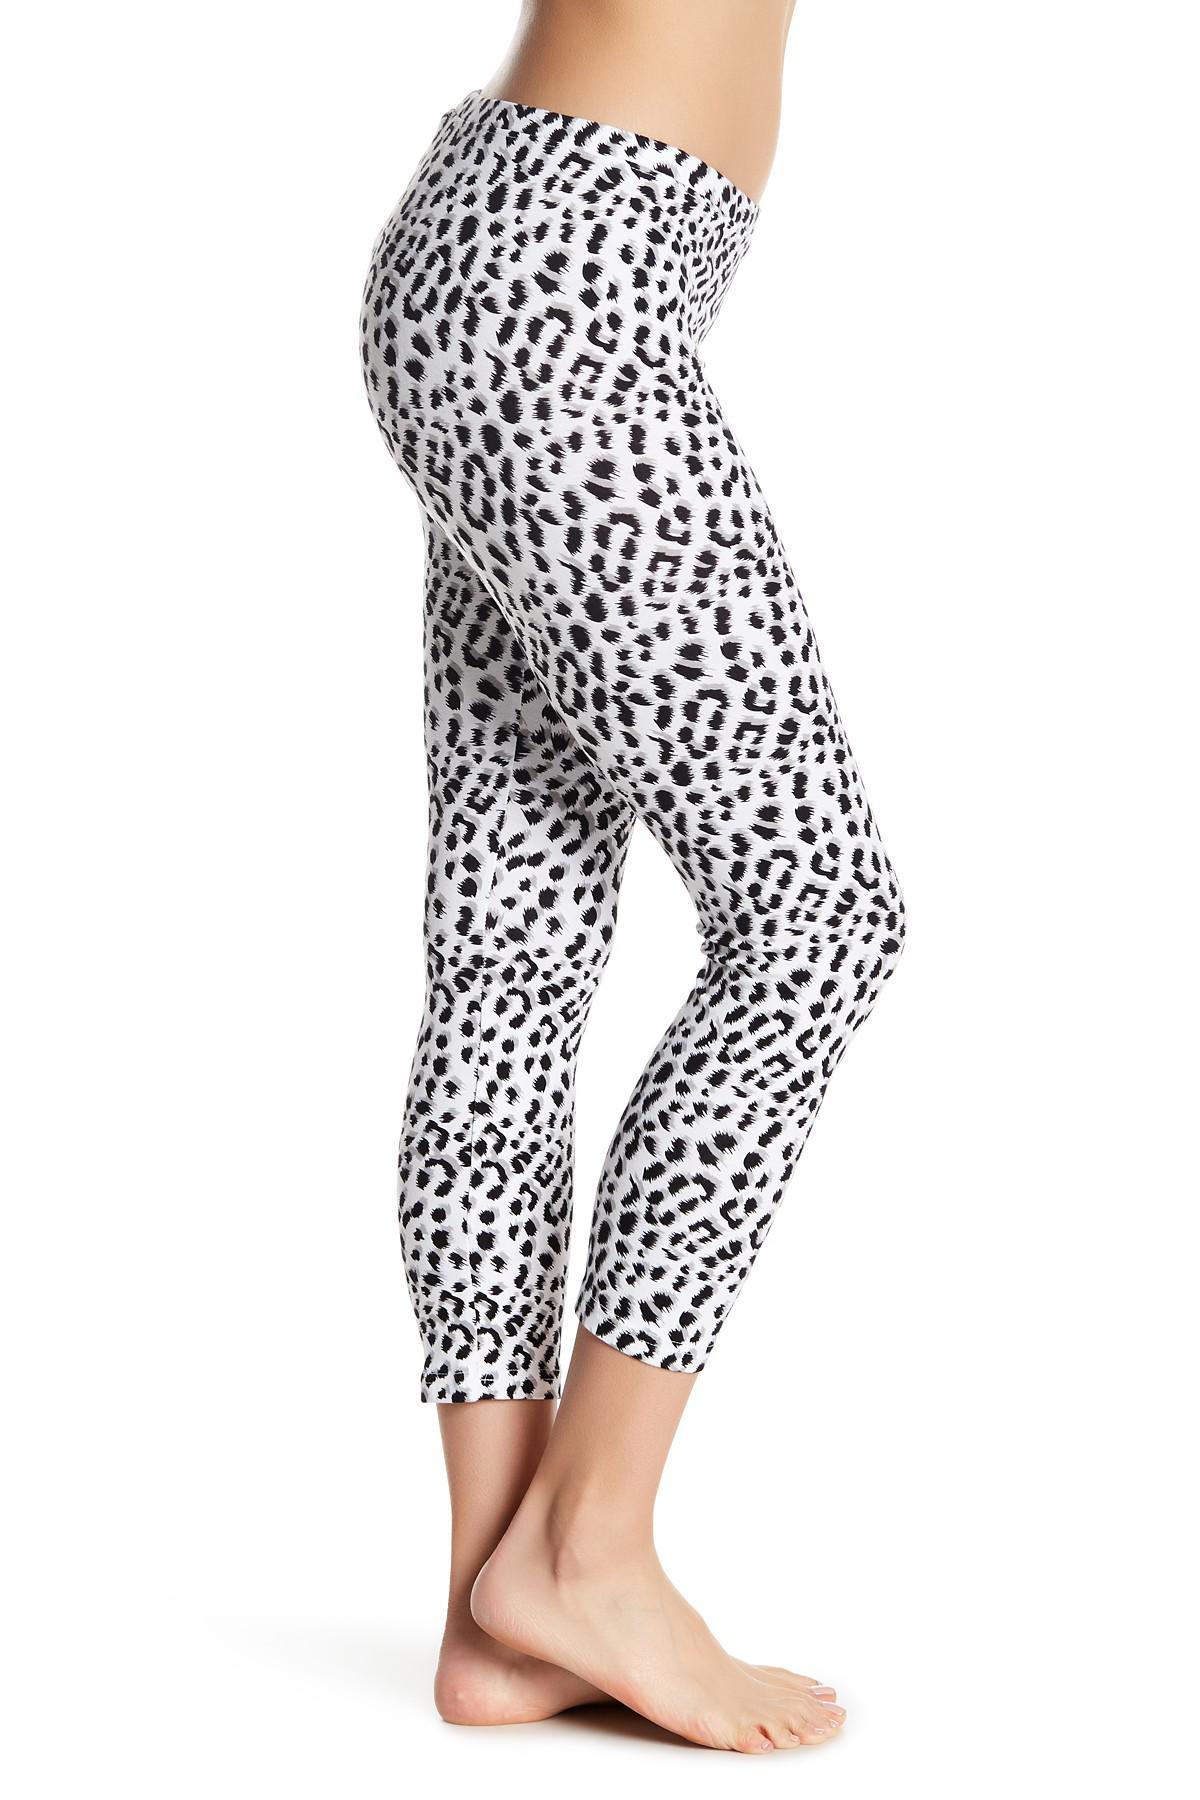 b3601829c93 Hue White Leopard Print Capri Legging